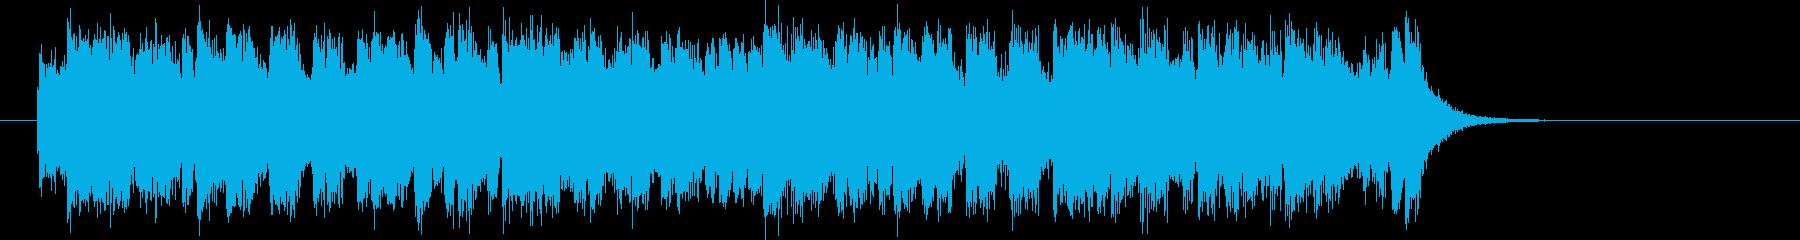 軽快で躍動感あるシンセポップジングルの再生済みの波形